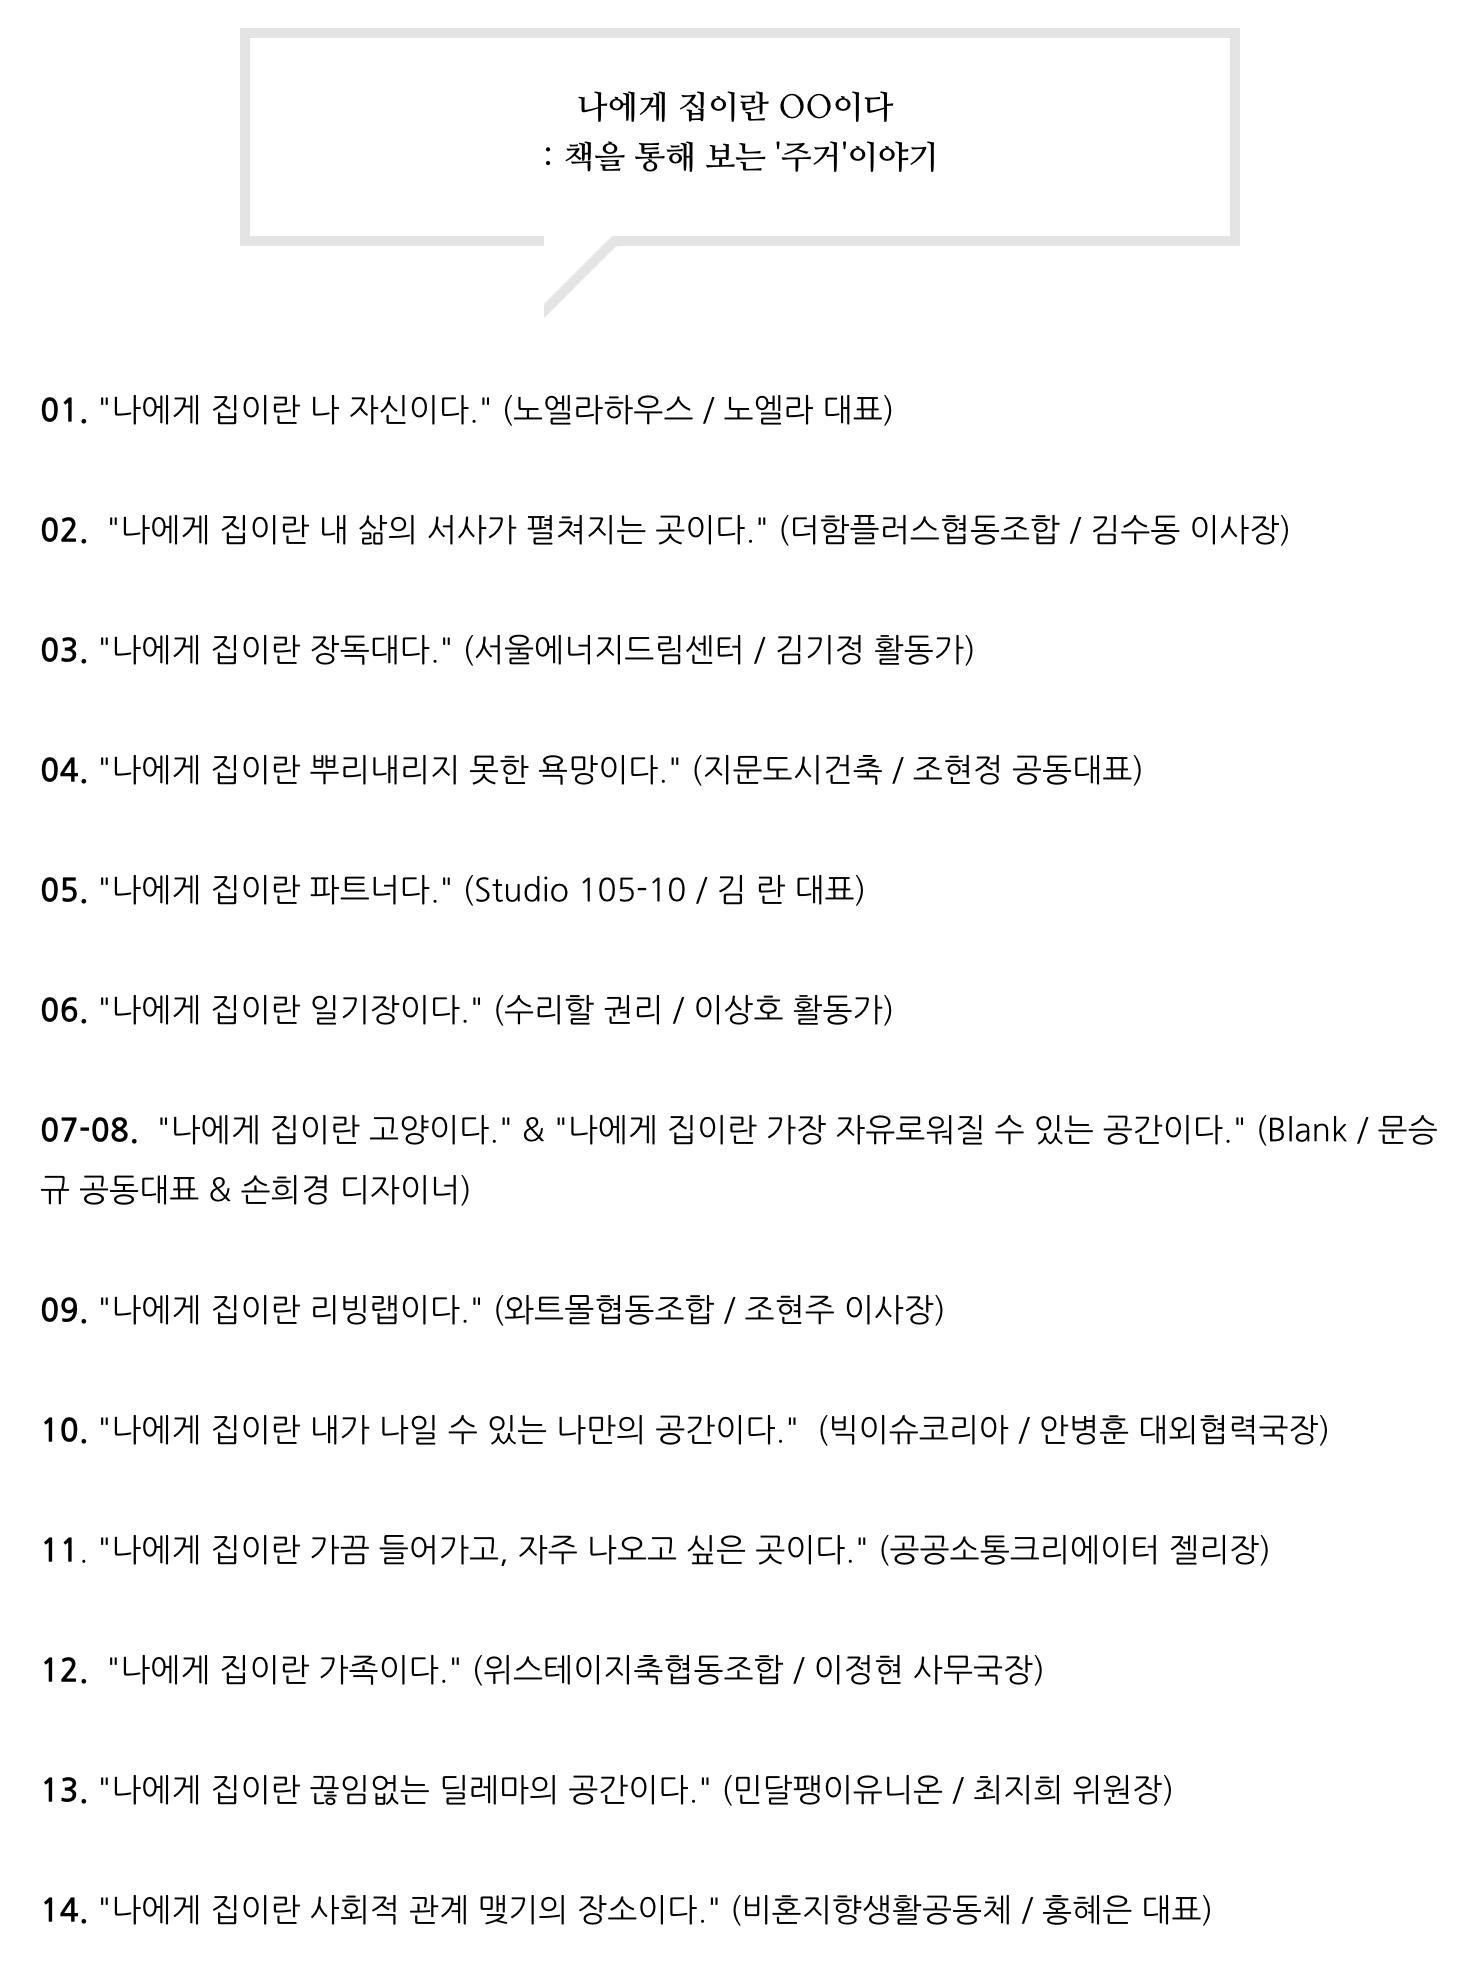 서울하우징랩 인터뷰